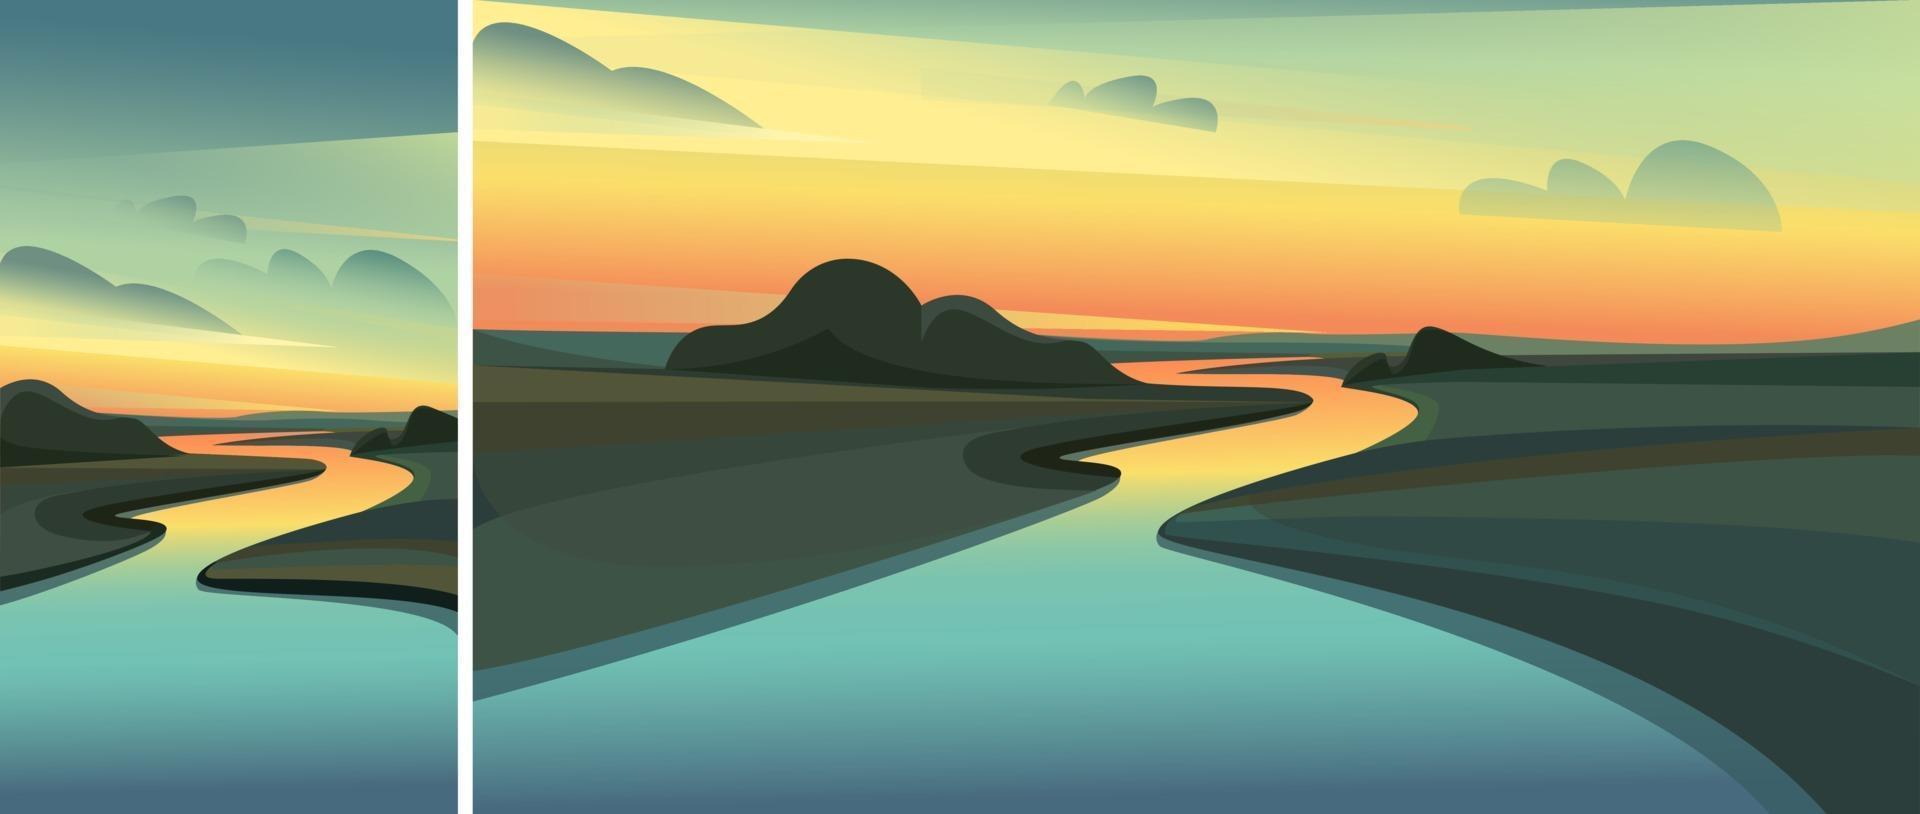 River landscape at sunset vector